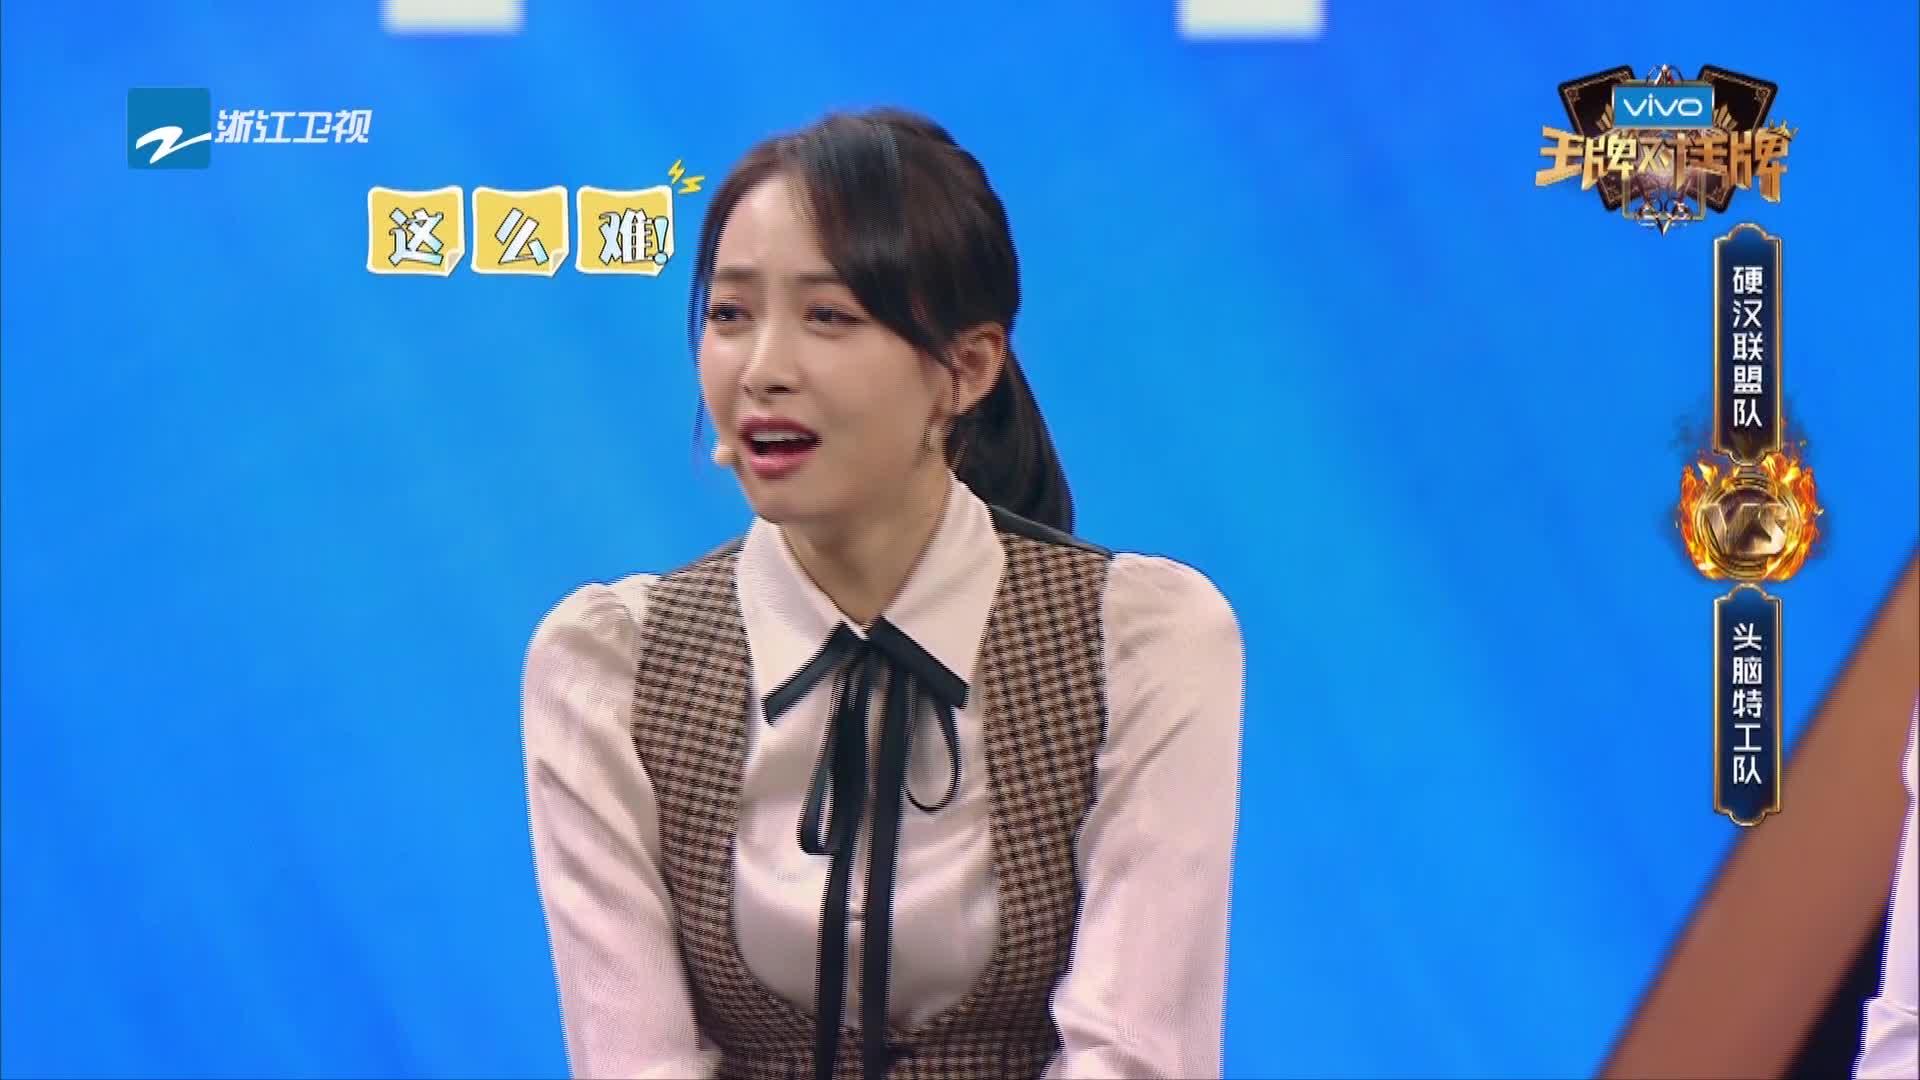 王祖蓝表演黄鼠狼给鸡拜年,表情动作超搞笑,这段笑得我肚子疼